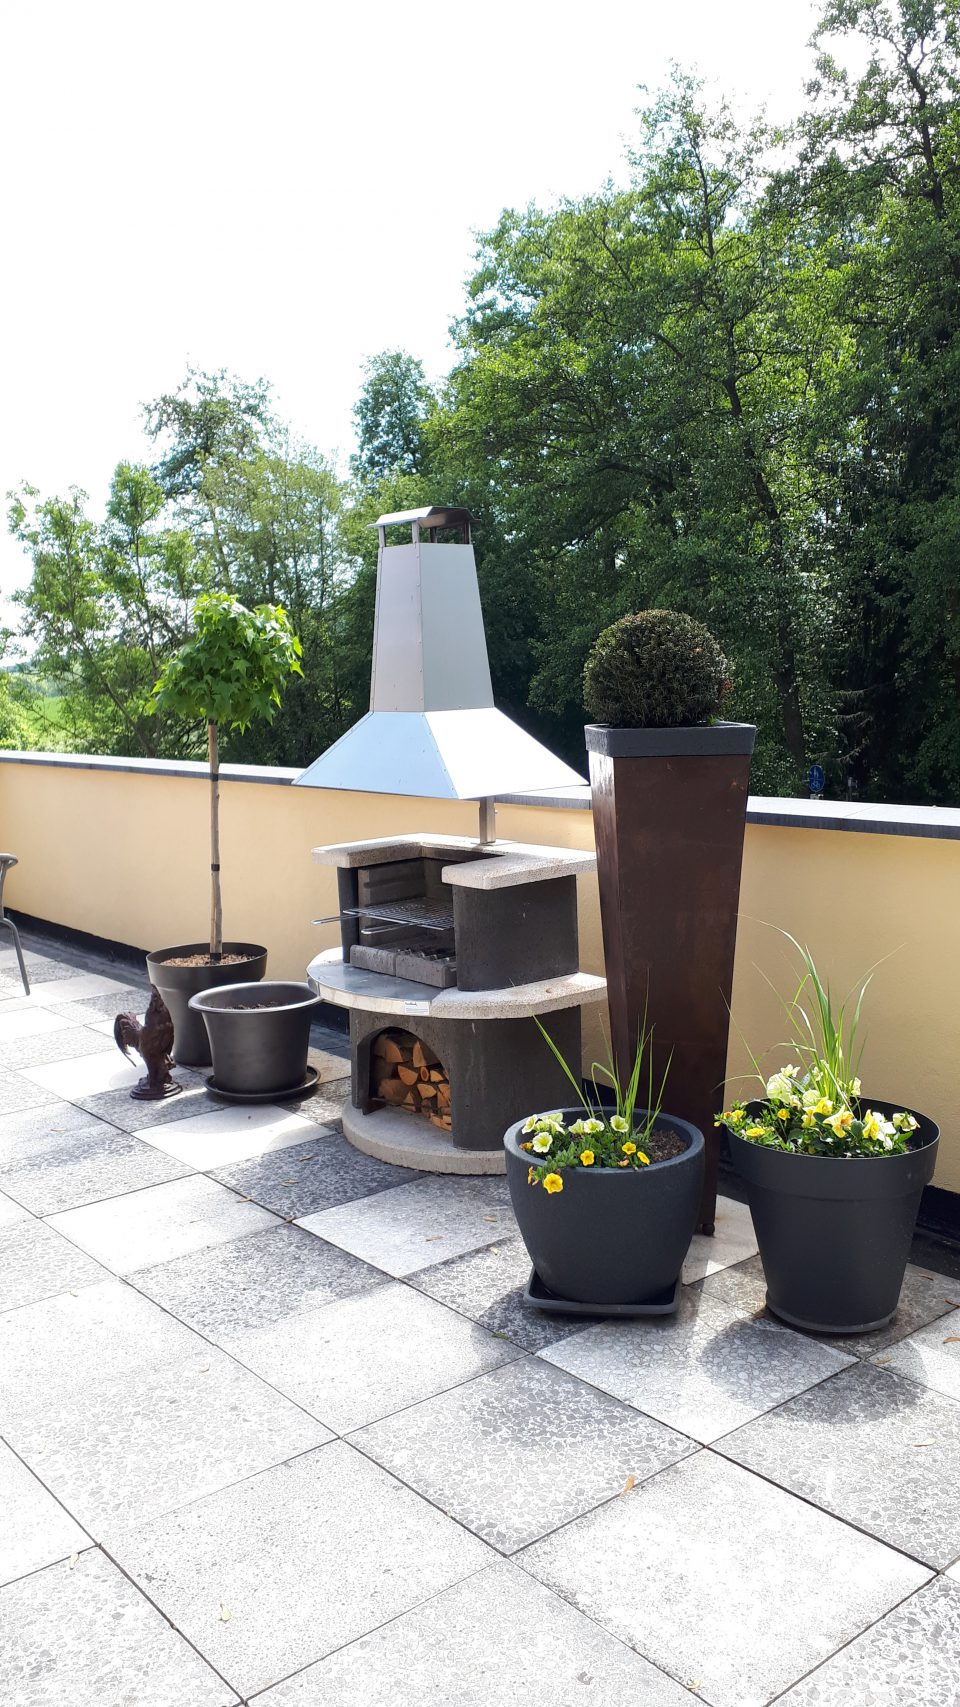 Der Grillkamin auf der Terrasse